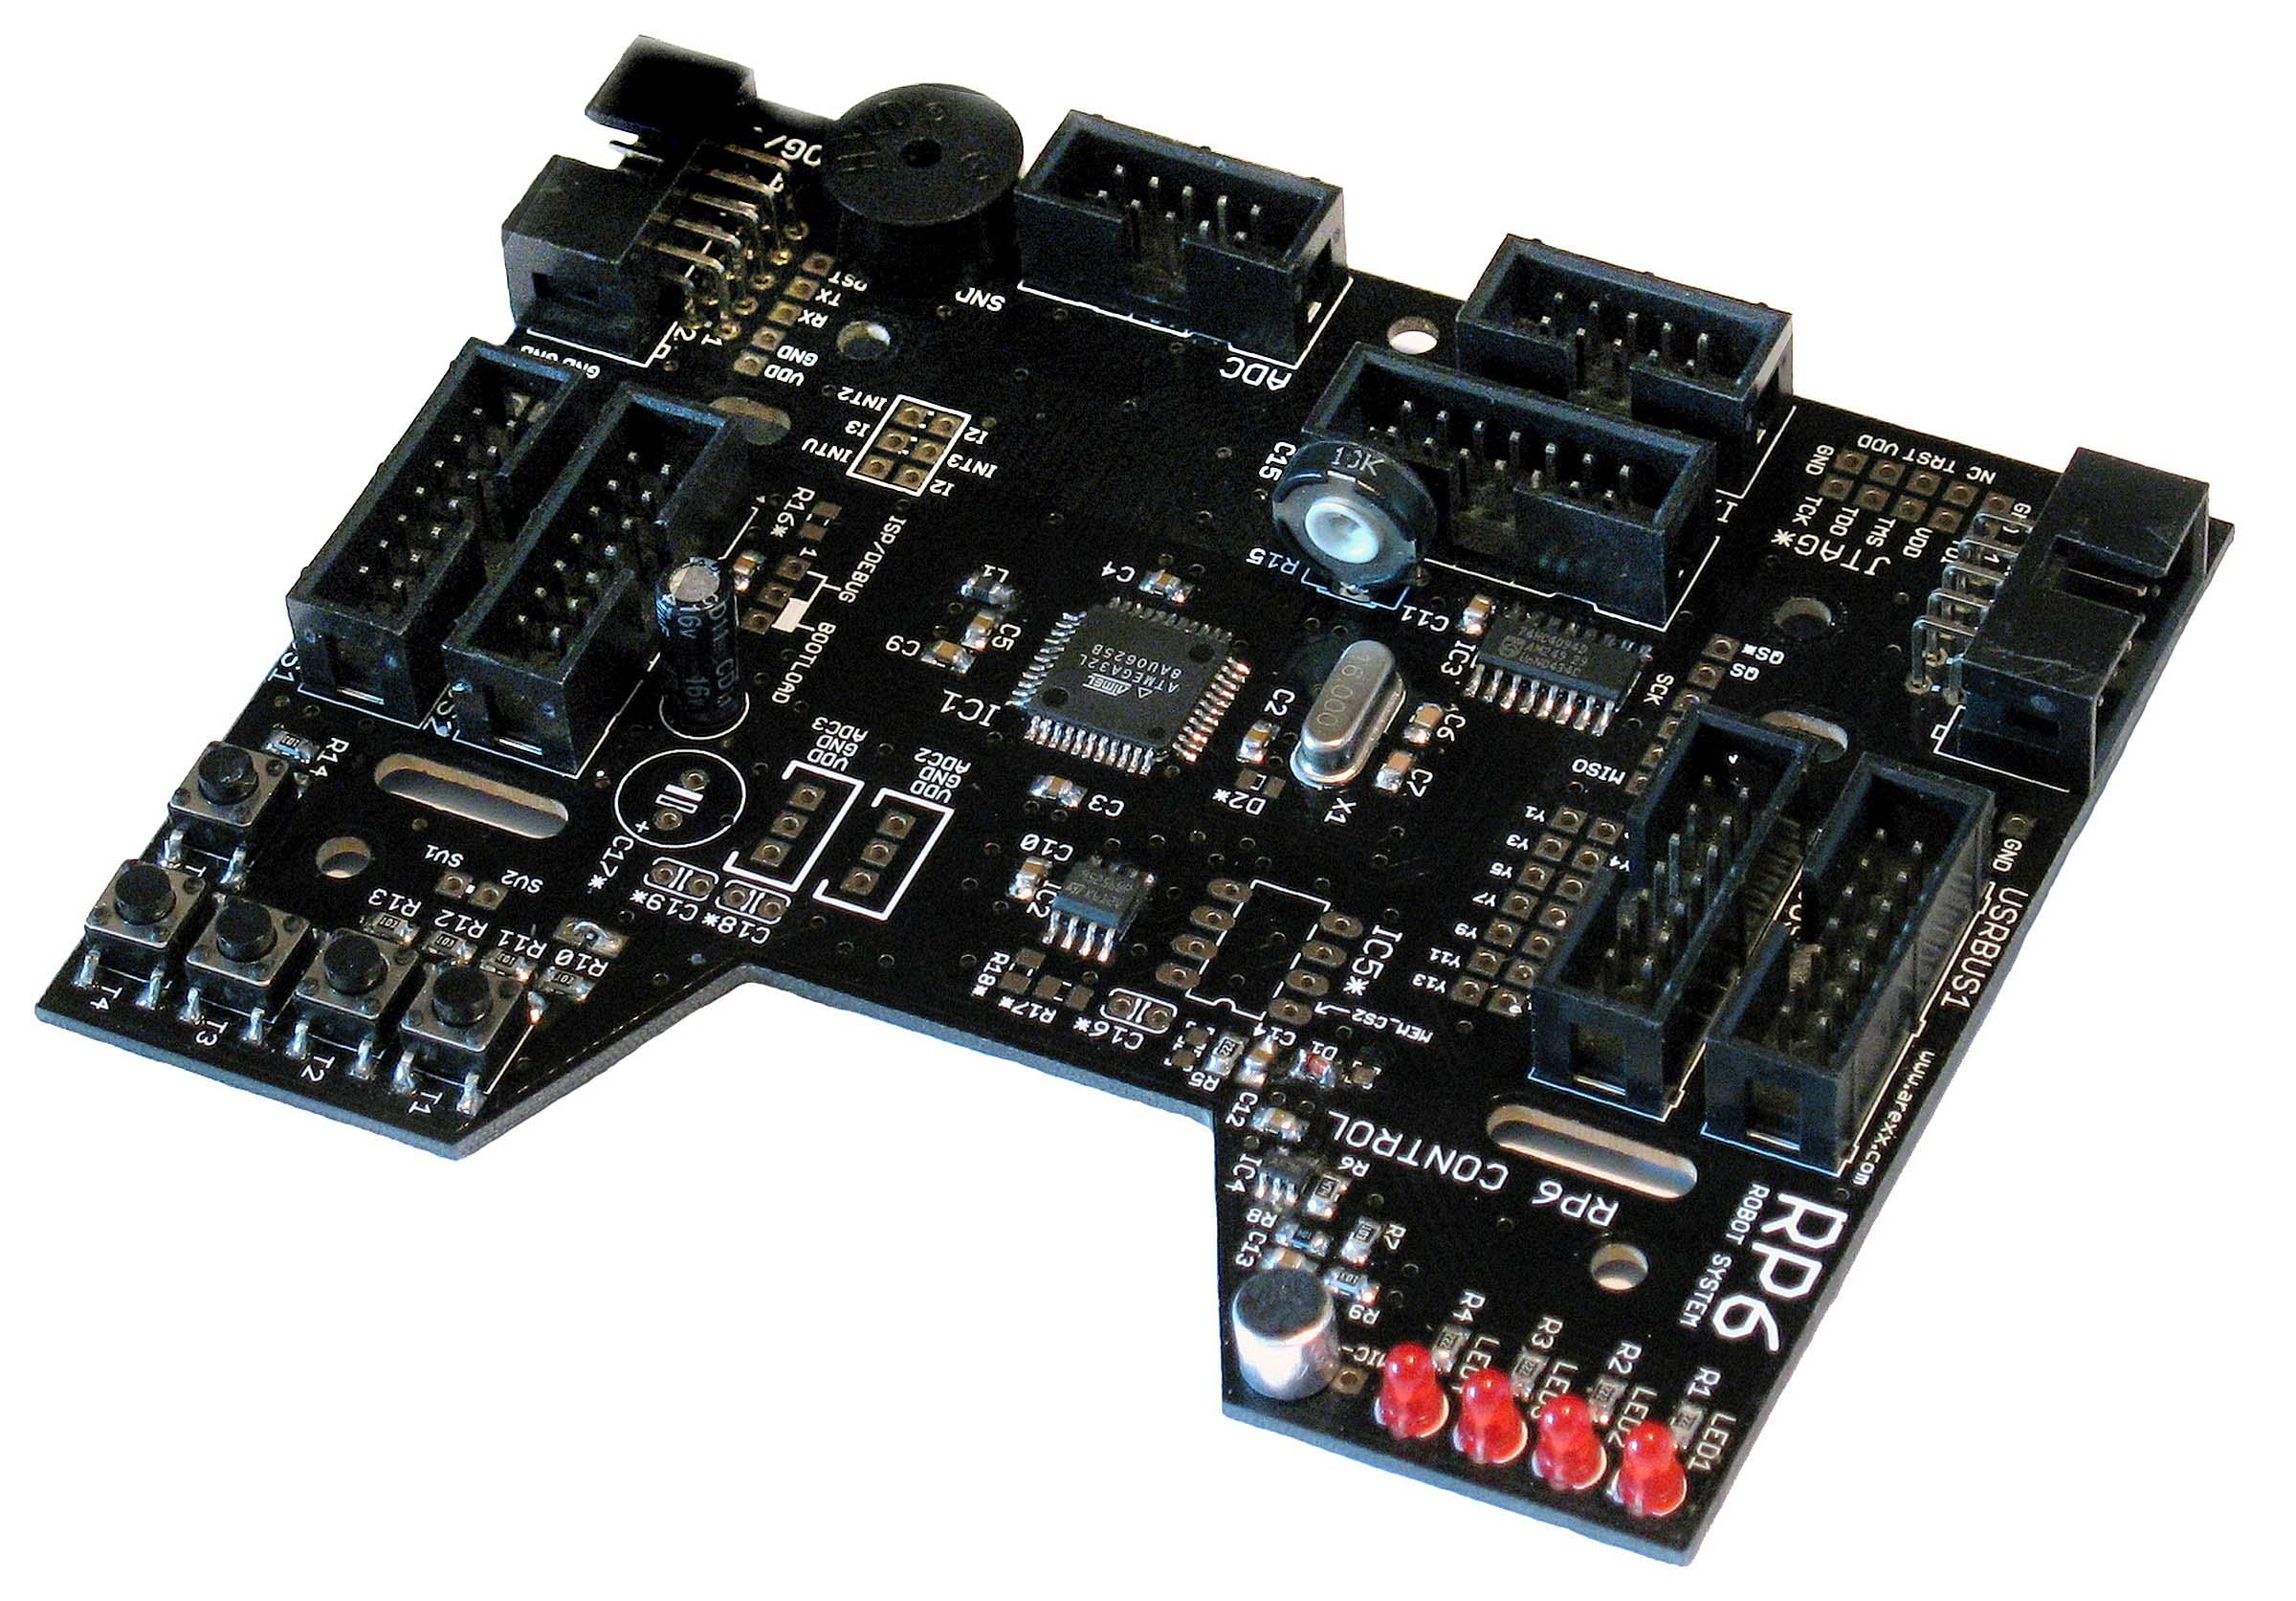 RP6V2-M32